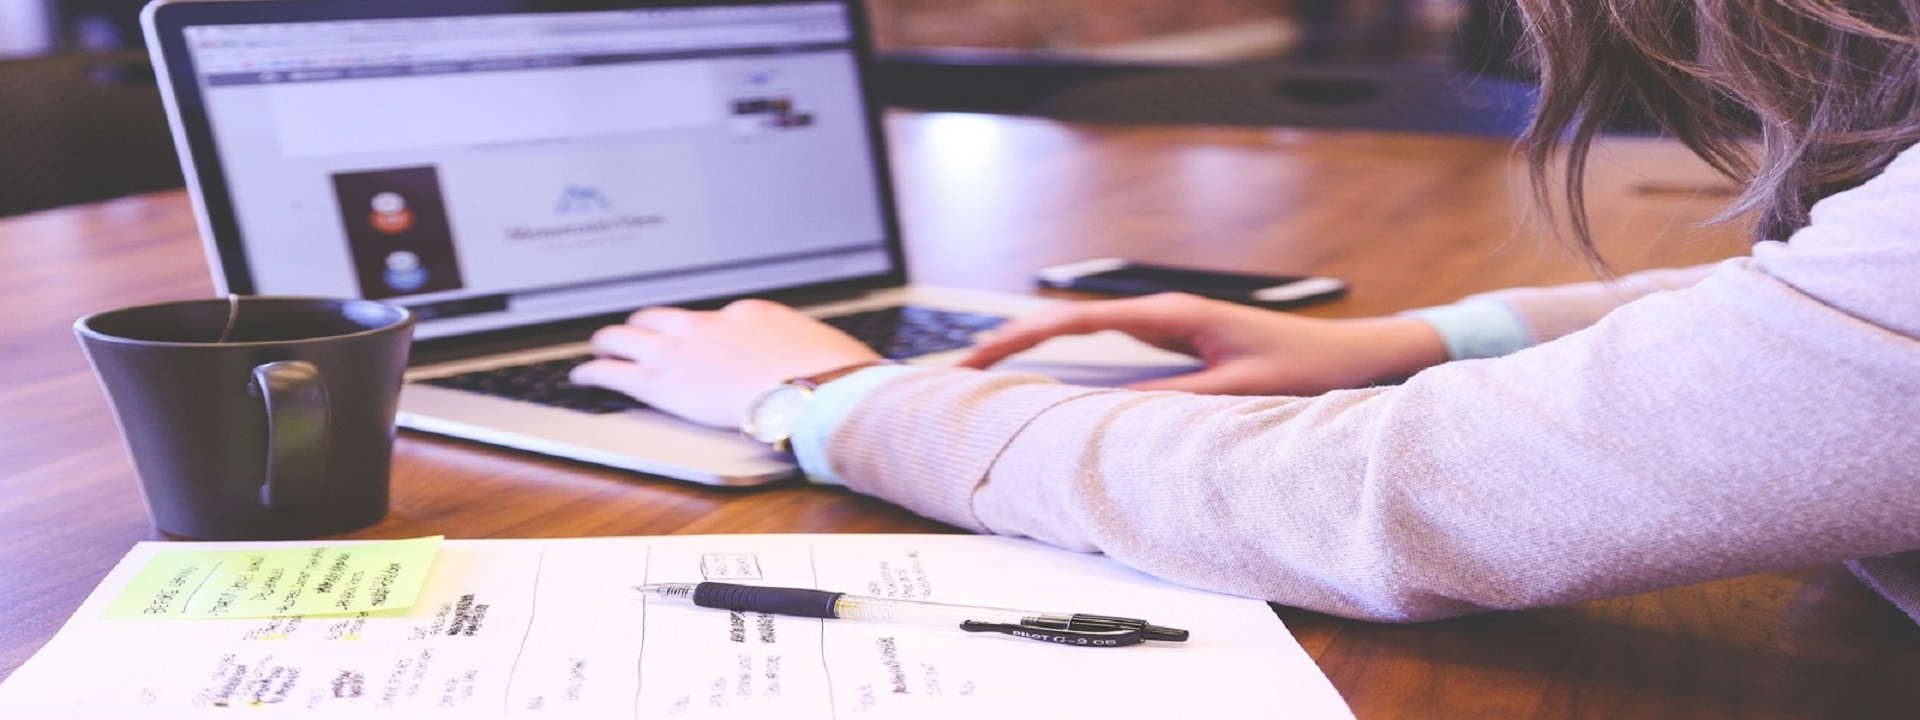 Pracující a podnikající studenti si mohou uplatnit daňové slevy a ušetřit na daních.